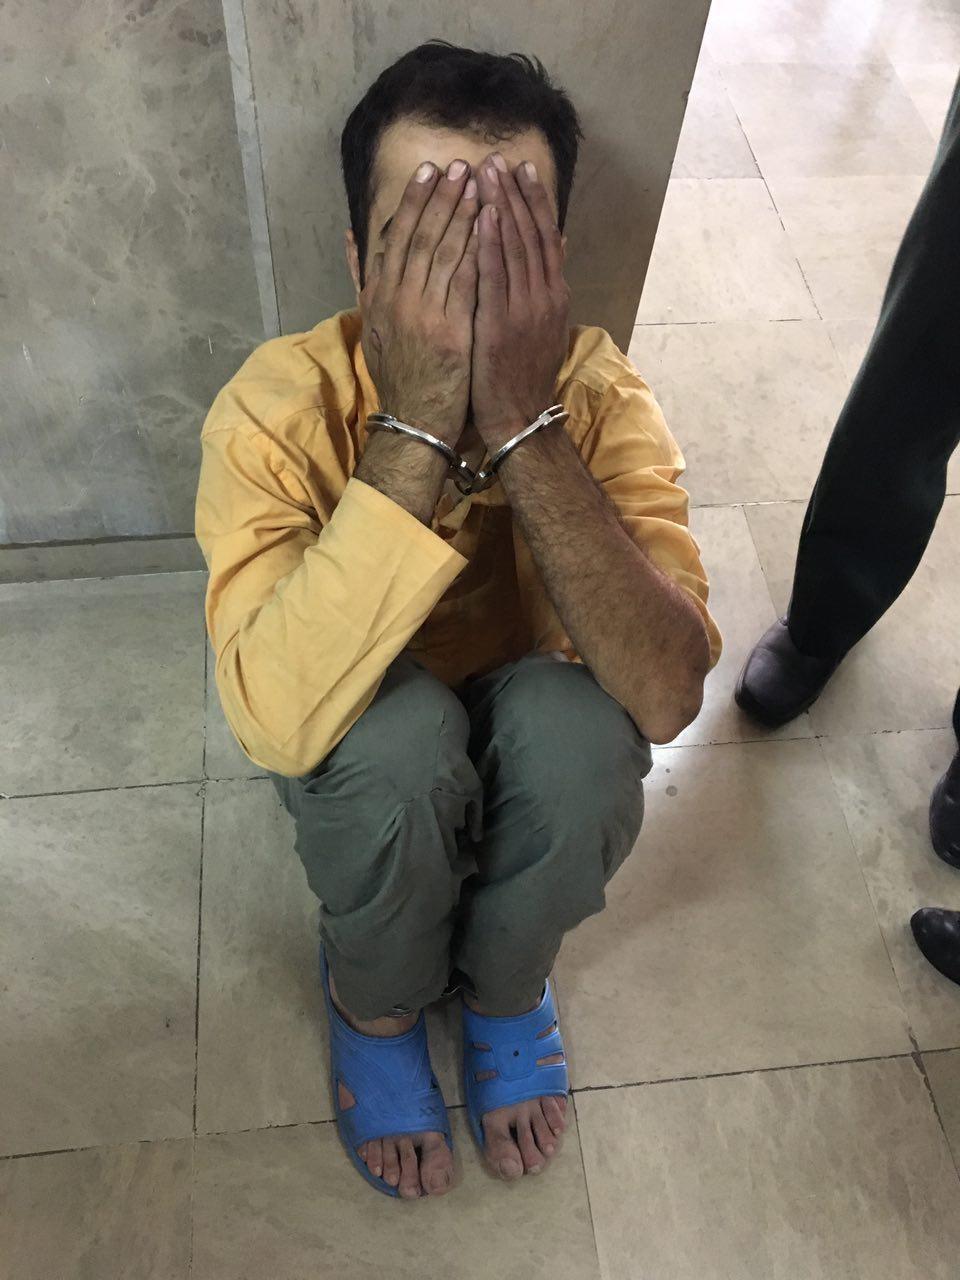 گفتوگو با متجاوز به ۸ زن و دختر تهرانی که با خودروهای سرقتی سراغ زنان میرفت